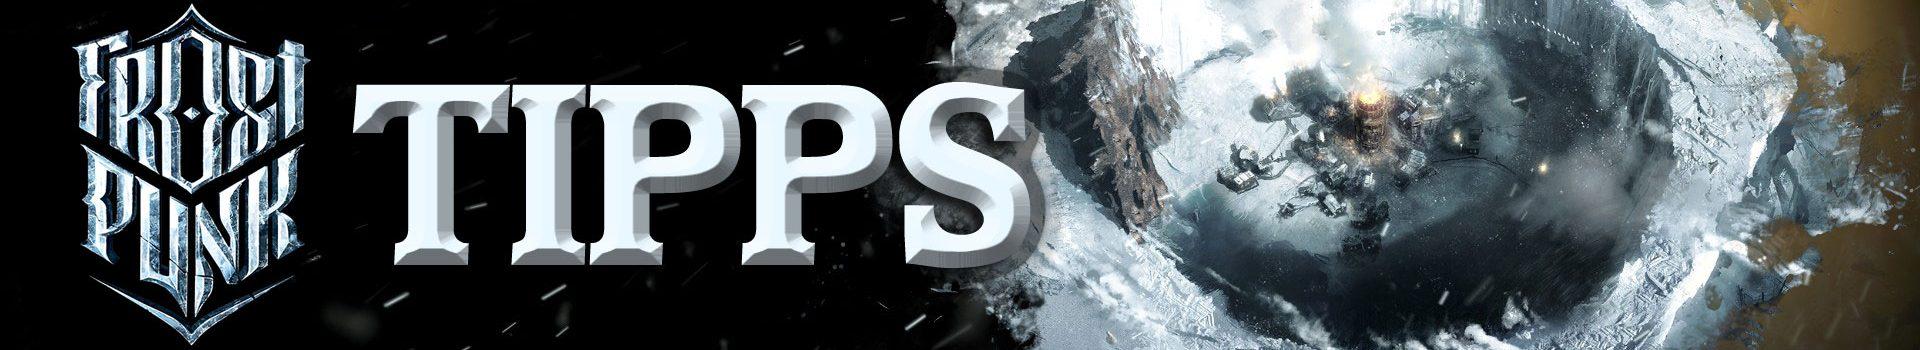 Tipps für das Aufbaustrategiespiel Frostpunk